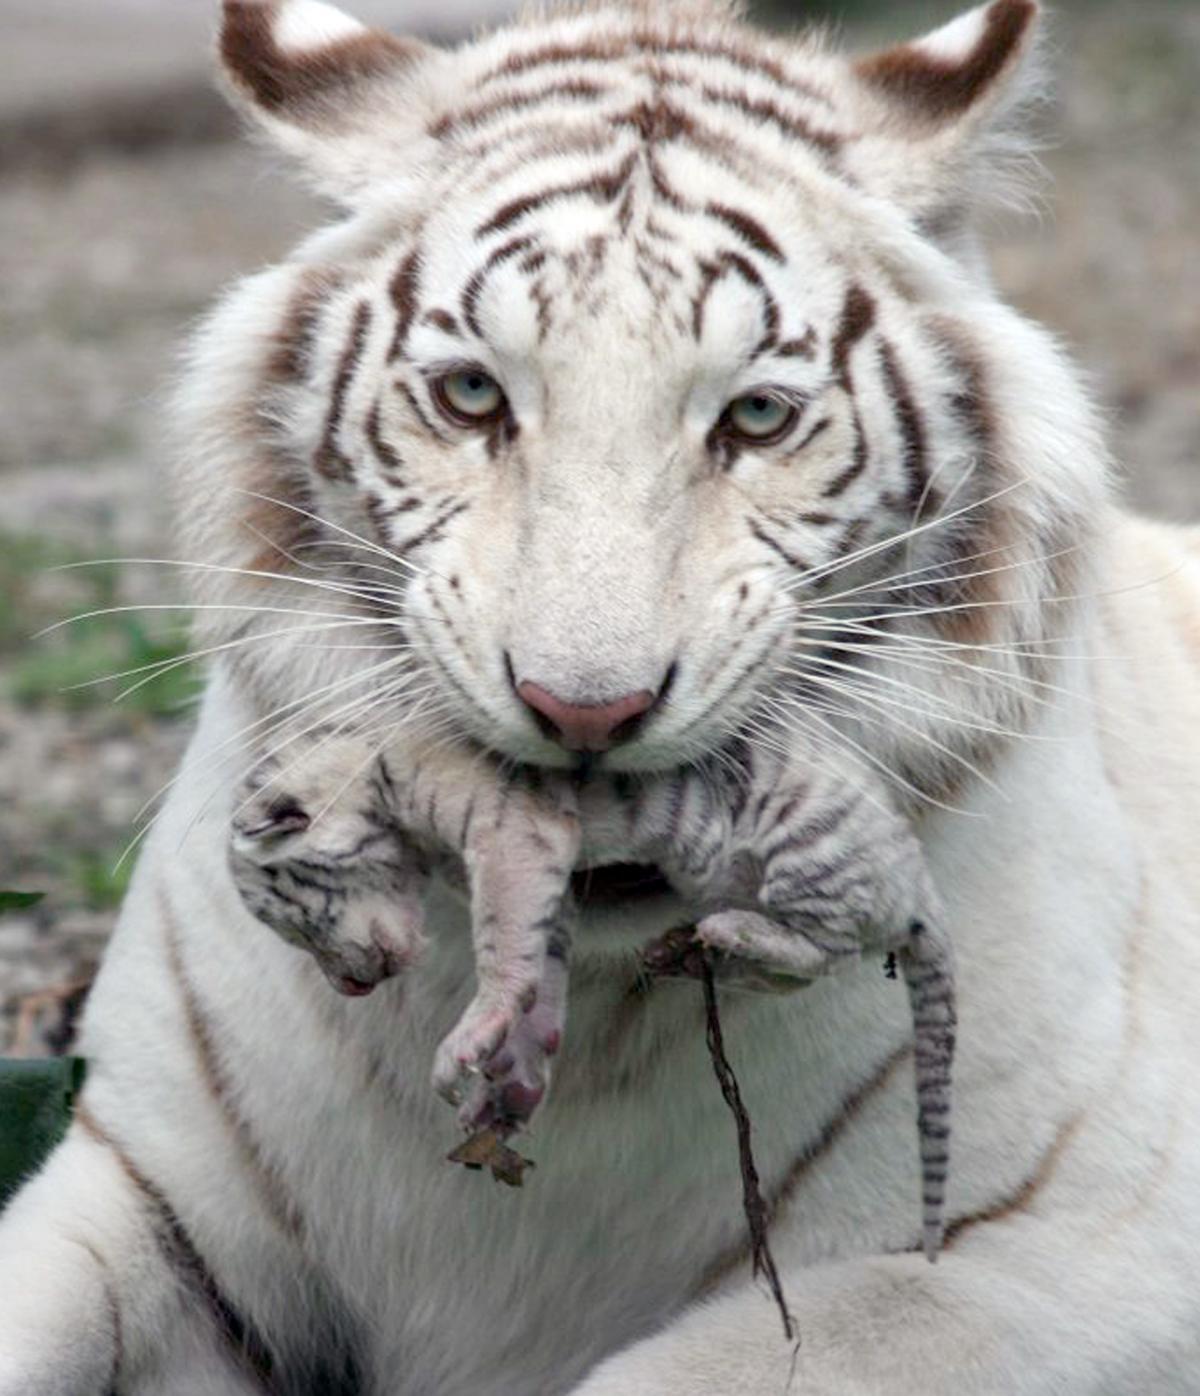 Baby White Tiger Wallpaper - WallpaperSafari - photo#6